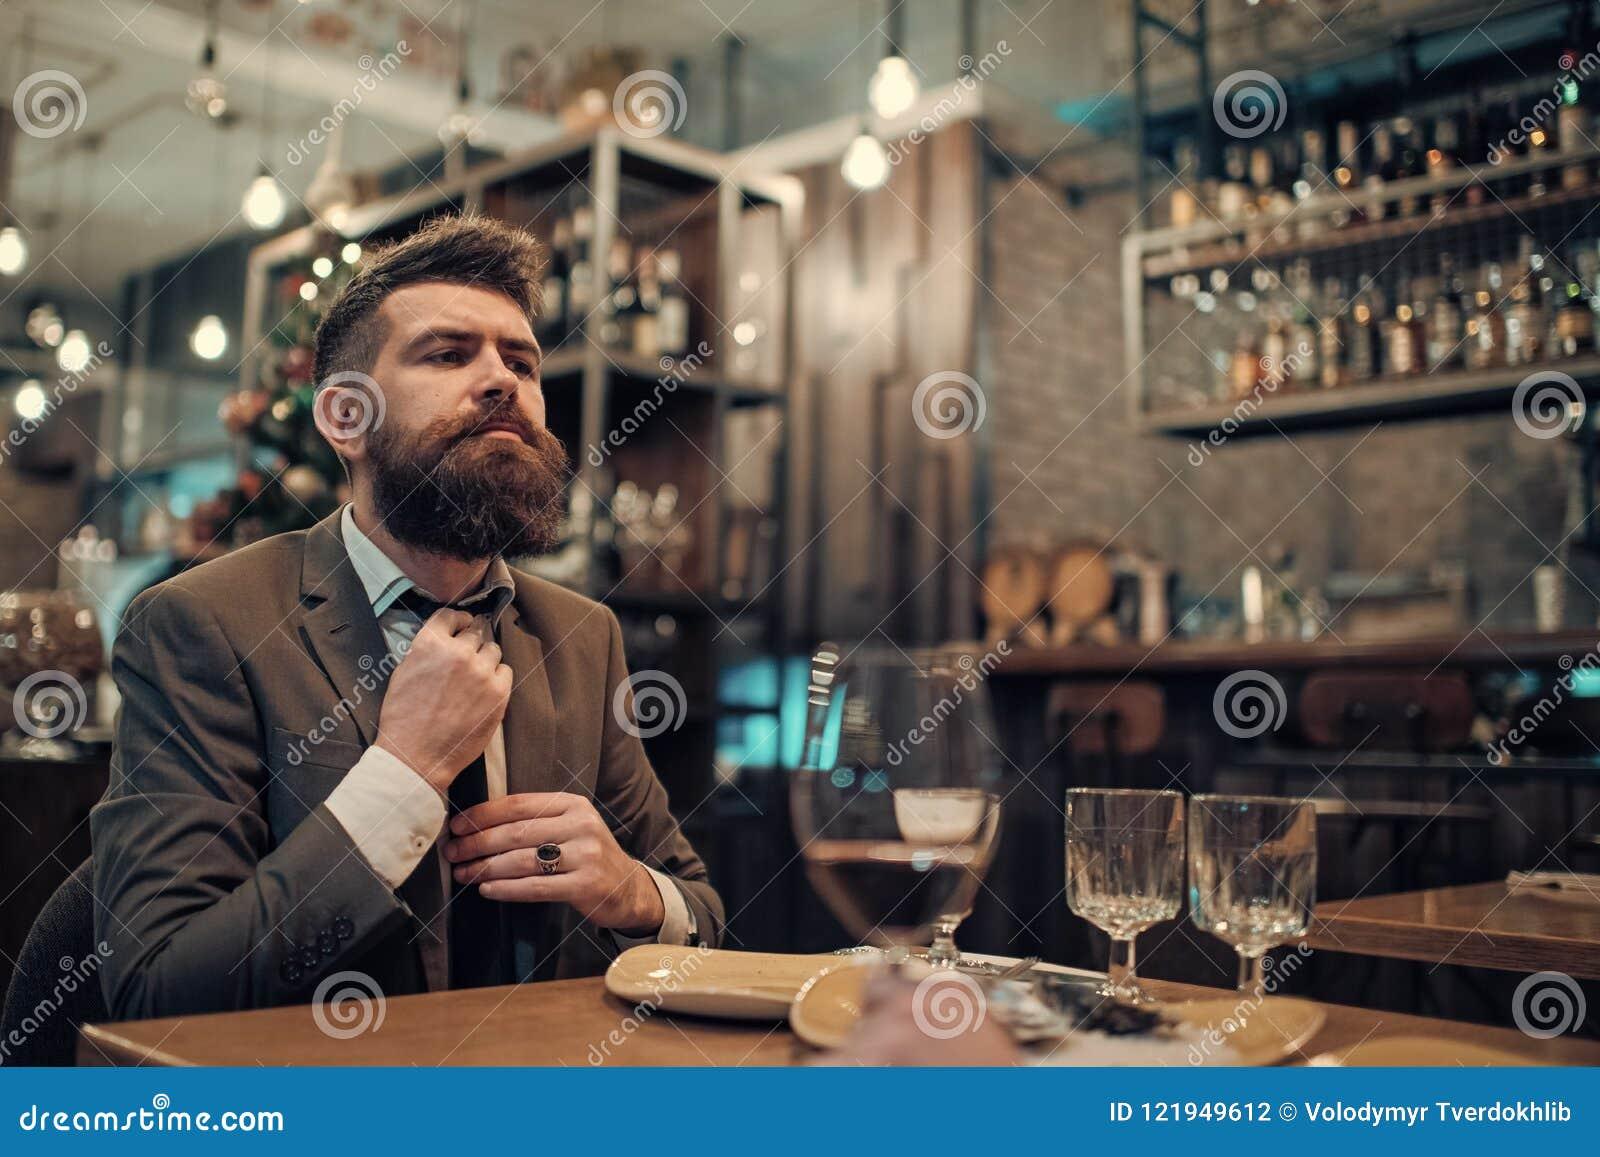 Il cliente sicuro della barra parla in caffè L affare accende e comunicazione Data o riunione d affari dei pantaloni a vita bassa